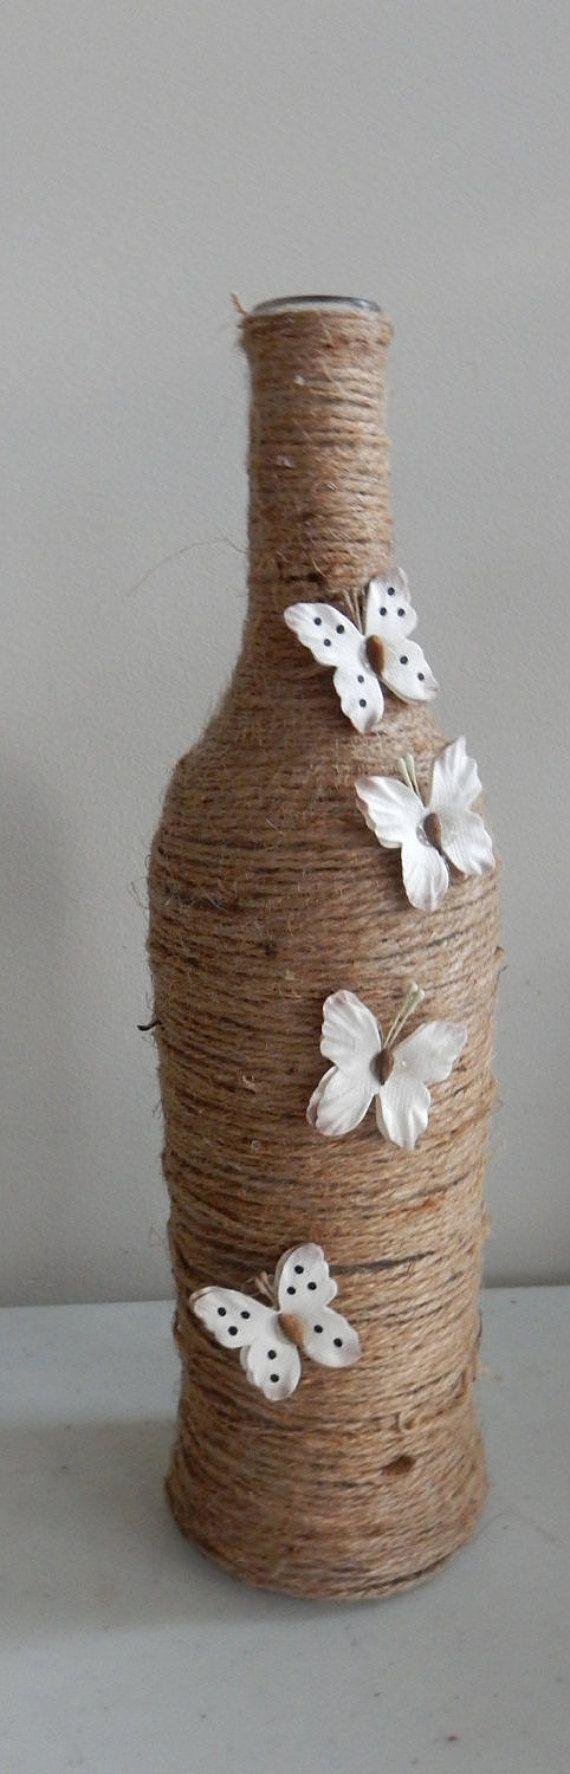 Twine wrapped wine bottle with silk butterflies от BellaBottles67